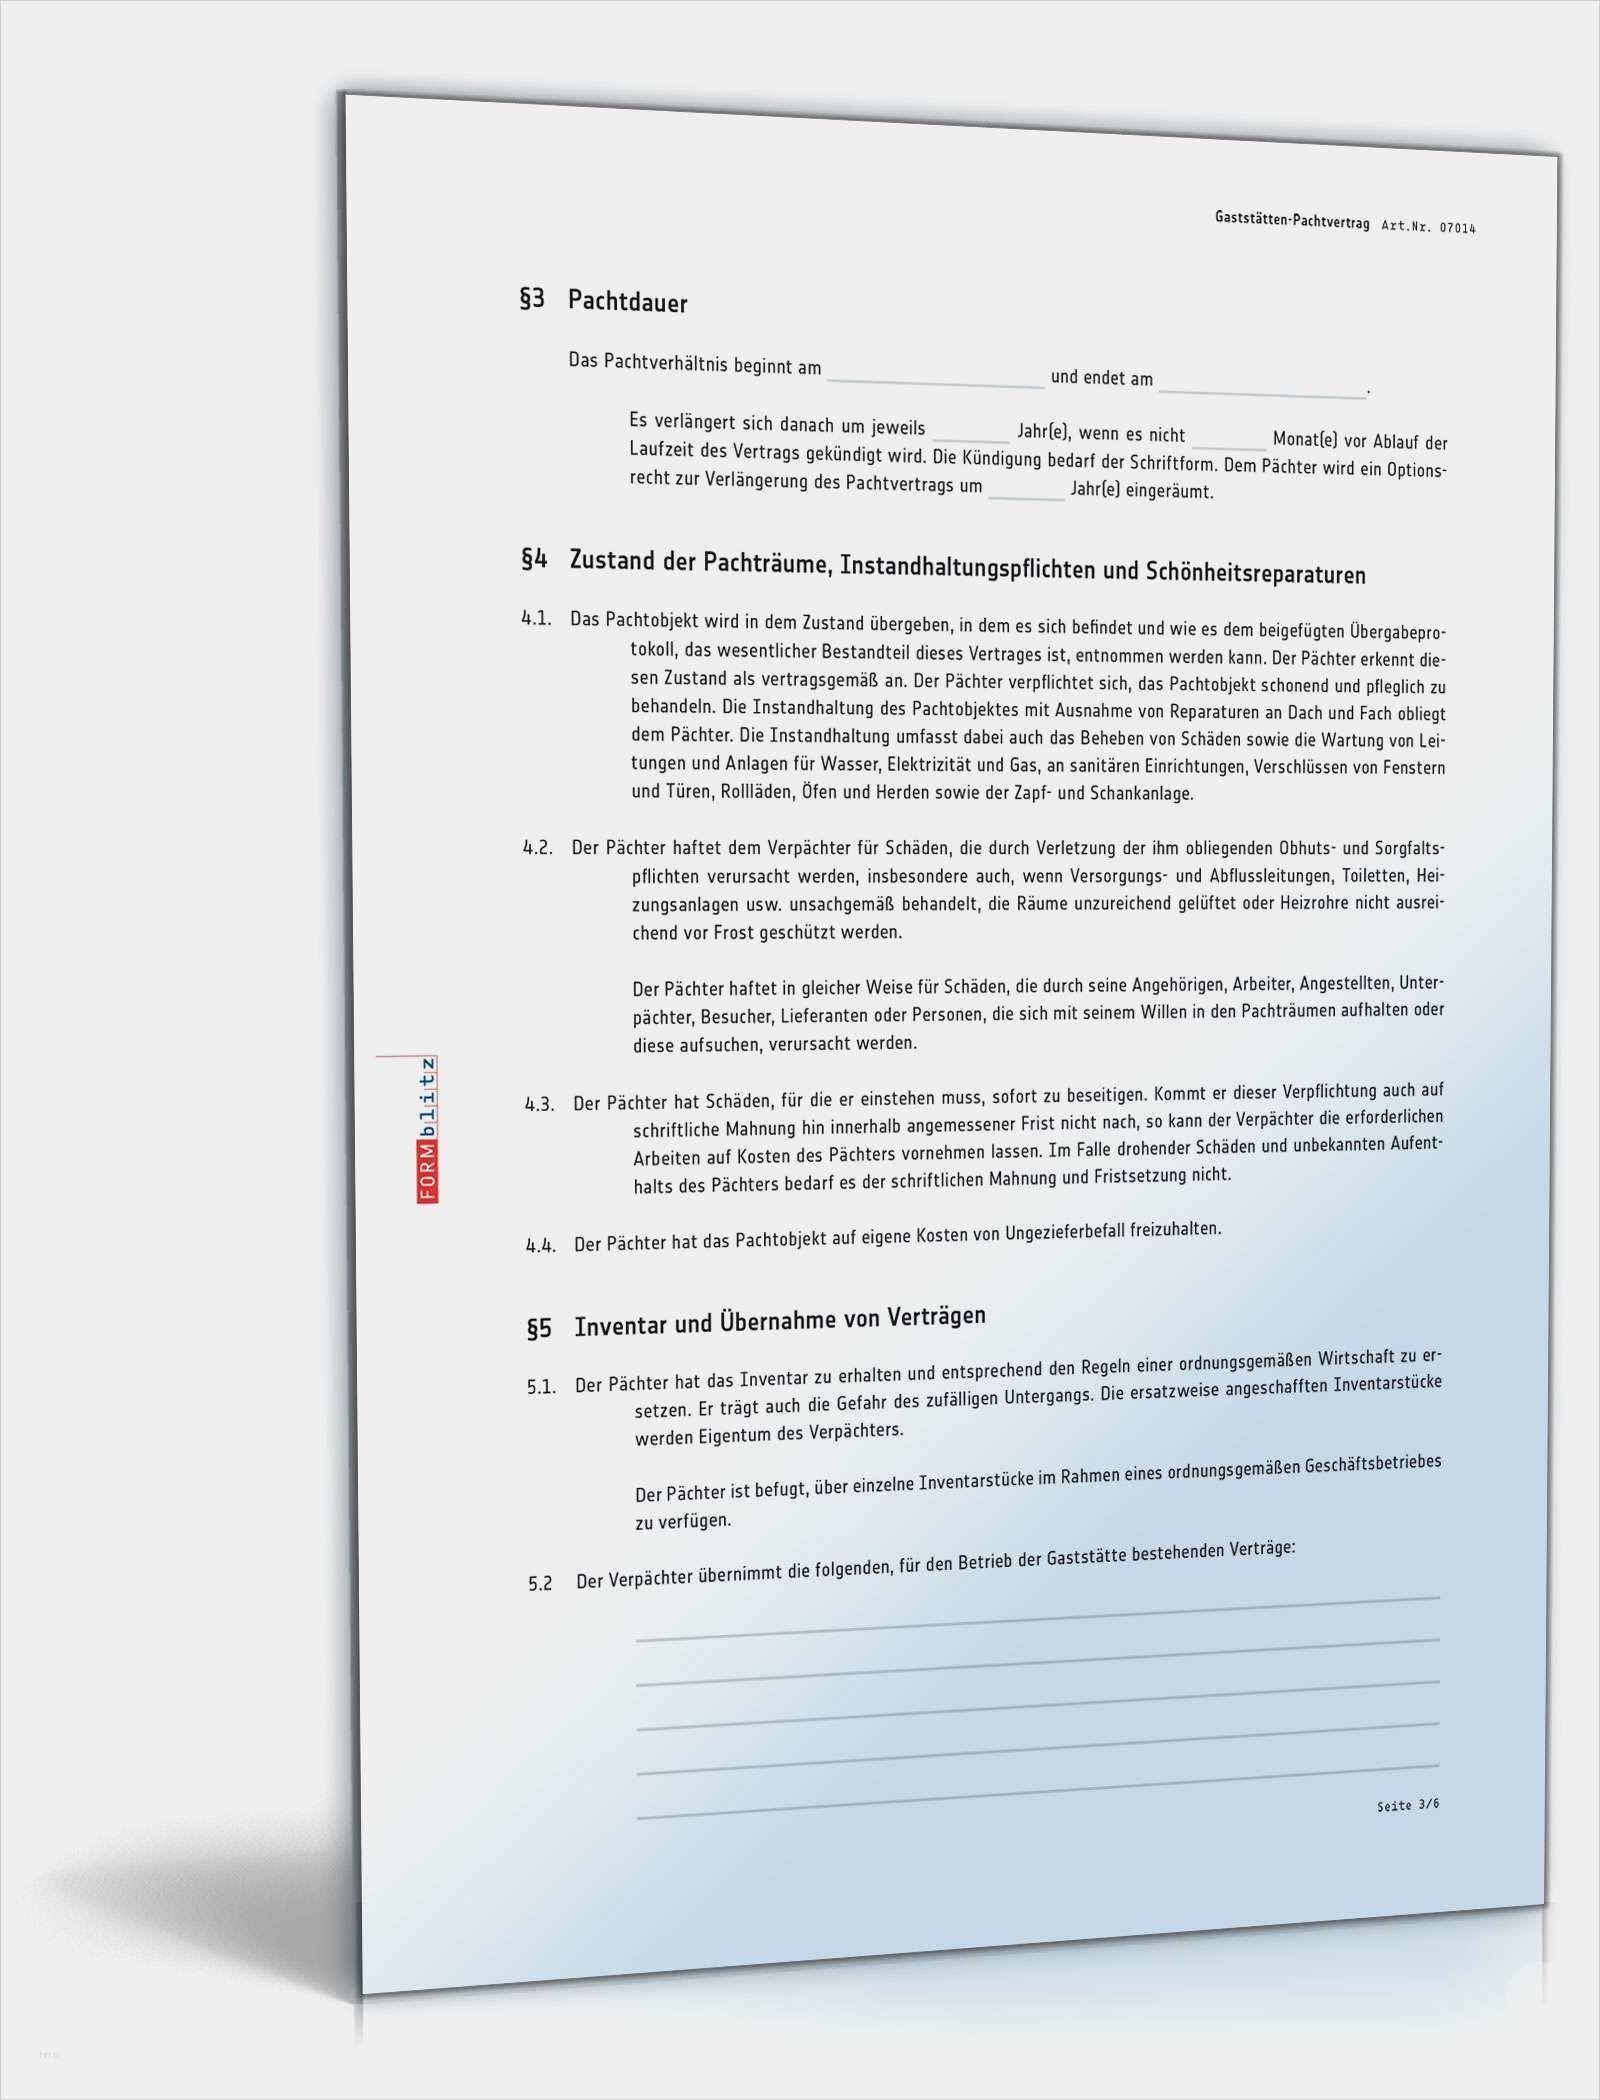 31 Einzigartig Pachtvertrag Vorlage Gastronomie Vorrate Vorlagen Rechnungsvorlage Vertrag